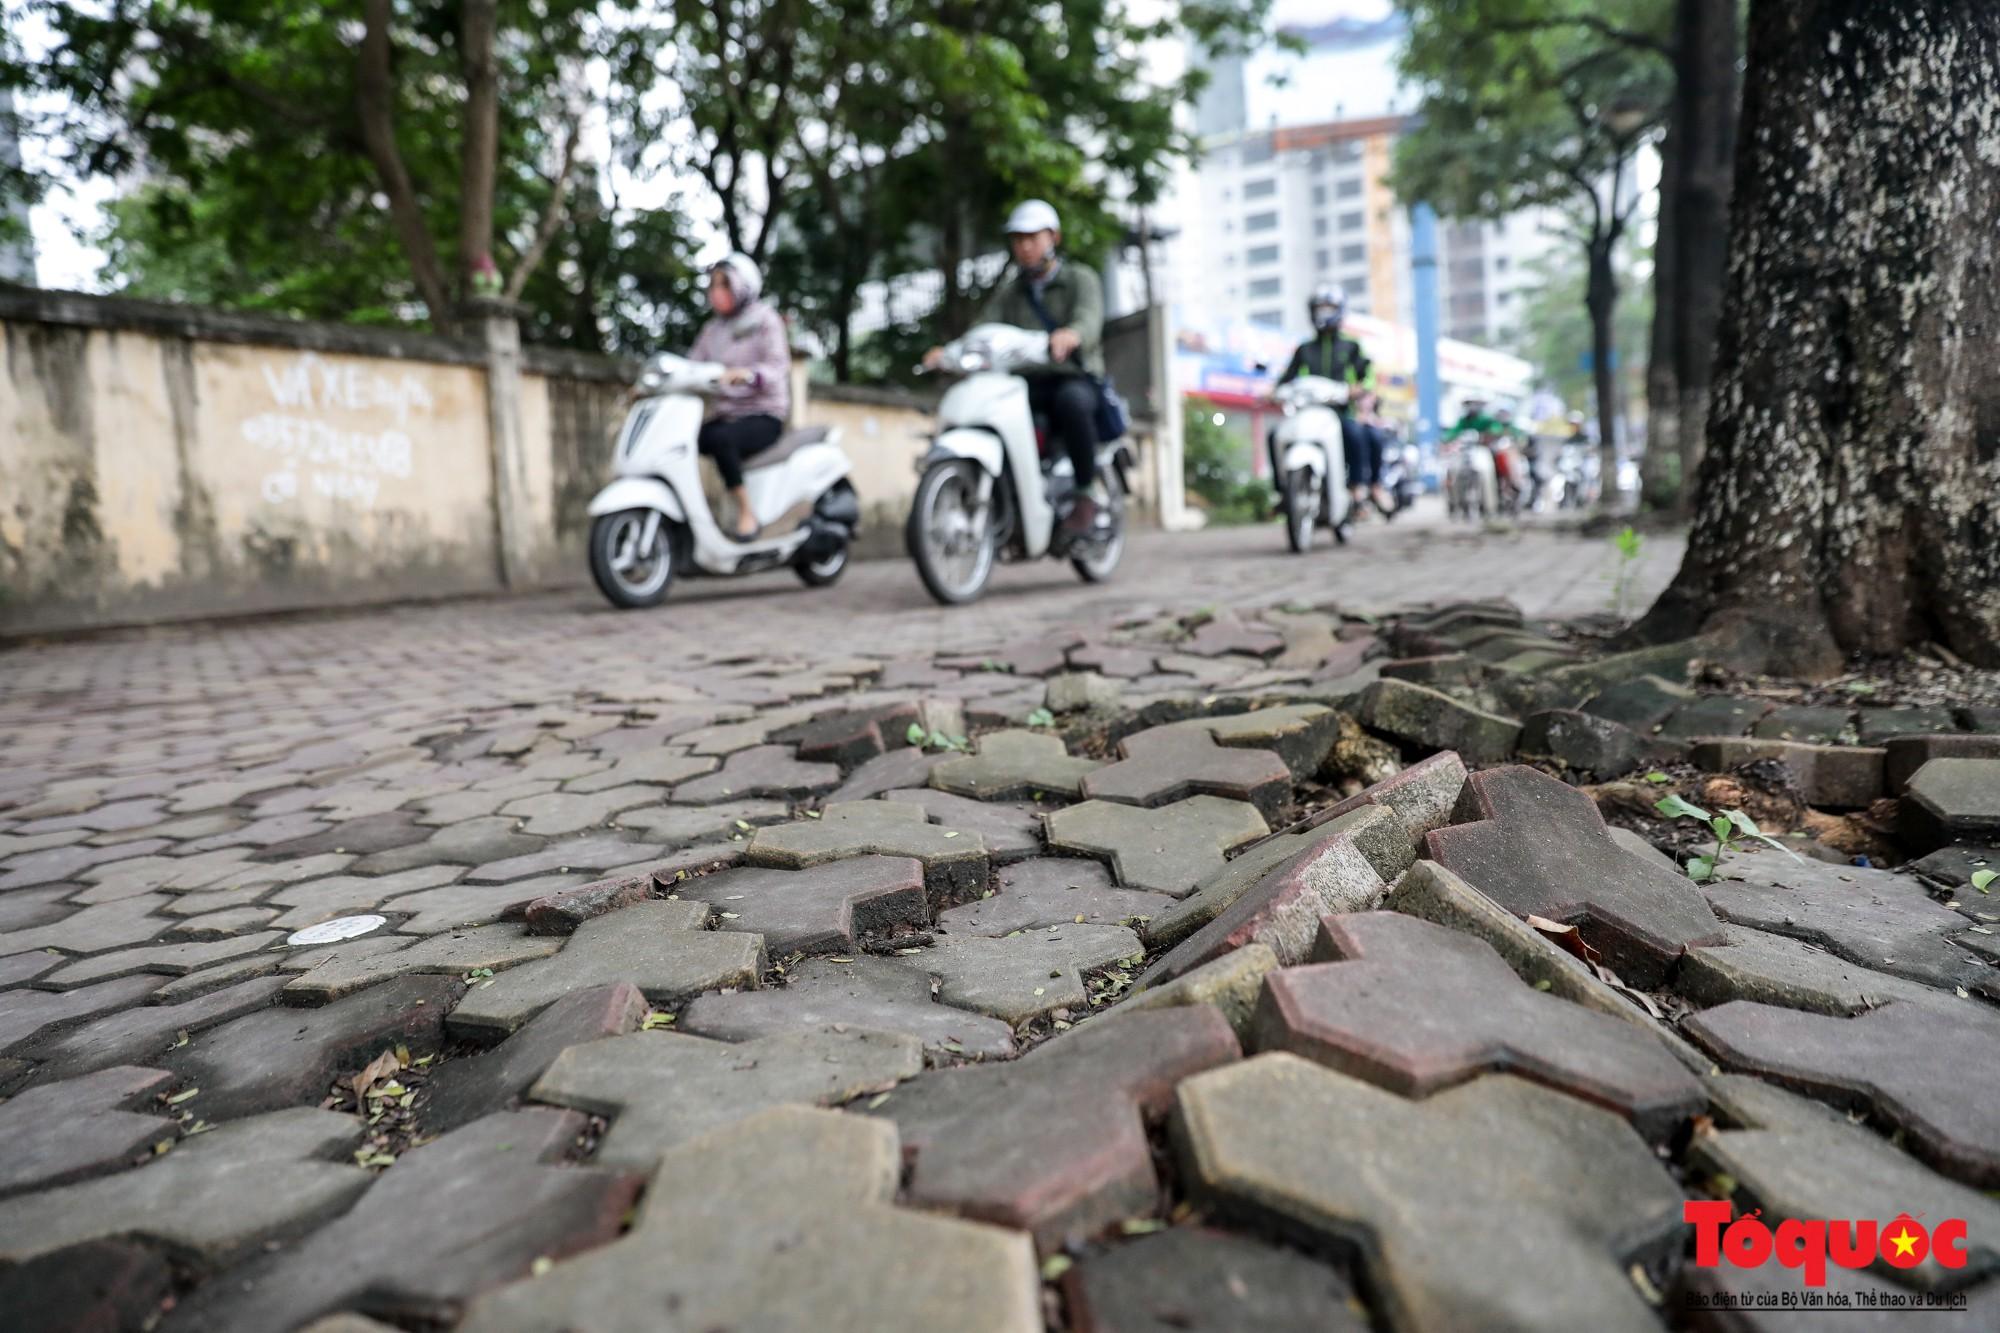 Nhìn những hình ảnh này mới thấy đề xuất cấm xe máy 6 tuyến phố Hà Nội là vô cảm với người dân nghèo - Ảnh 7.